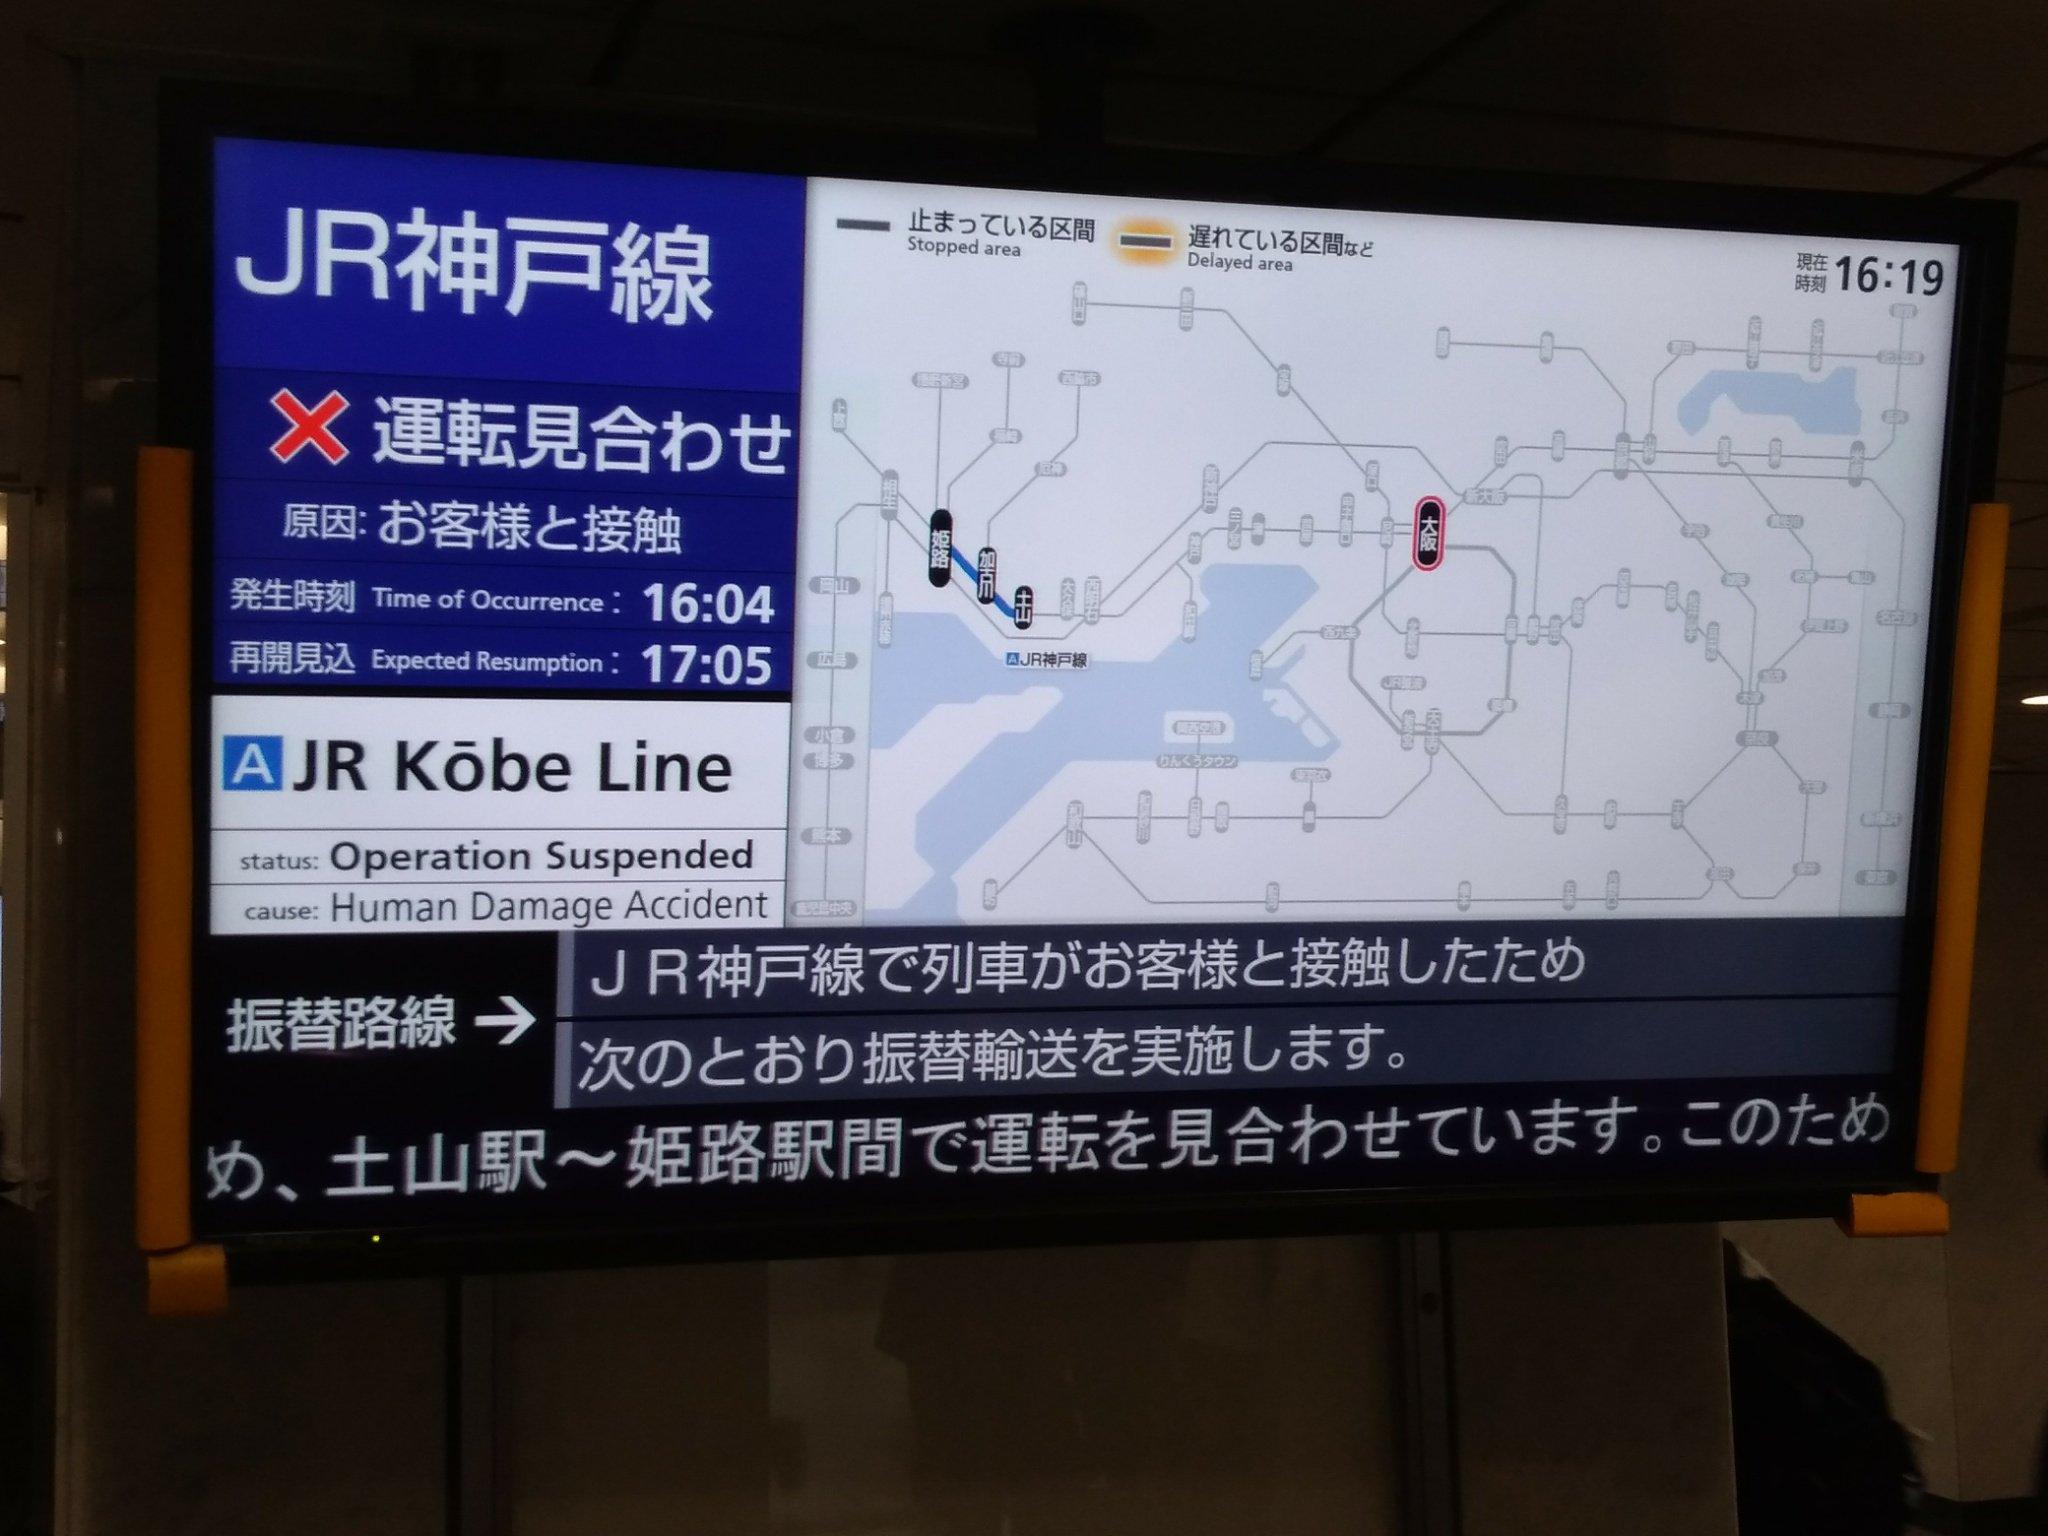 神戸線の東加古川駅で人身事故が起きた掲示板の画像